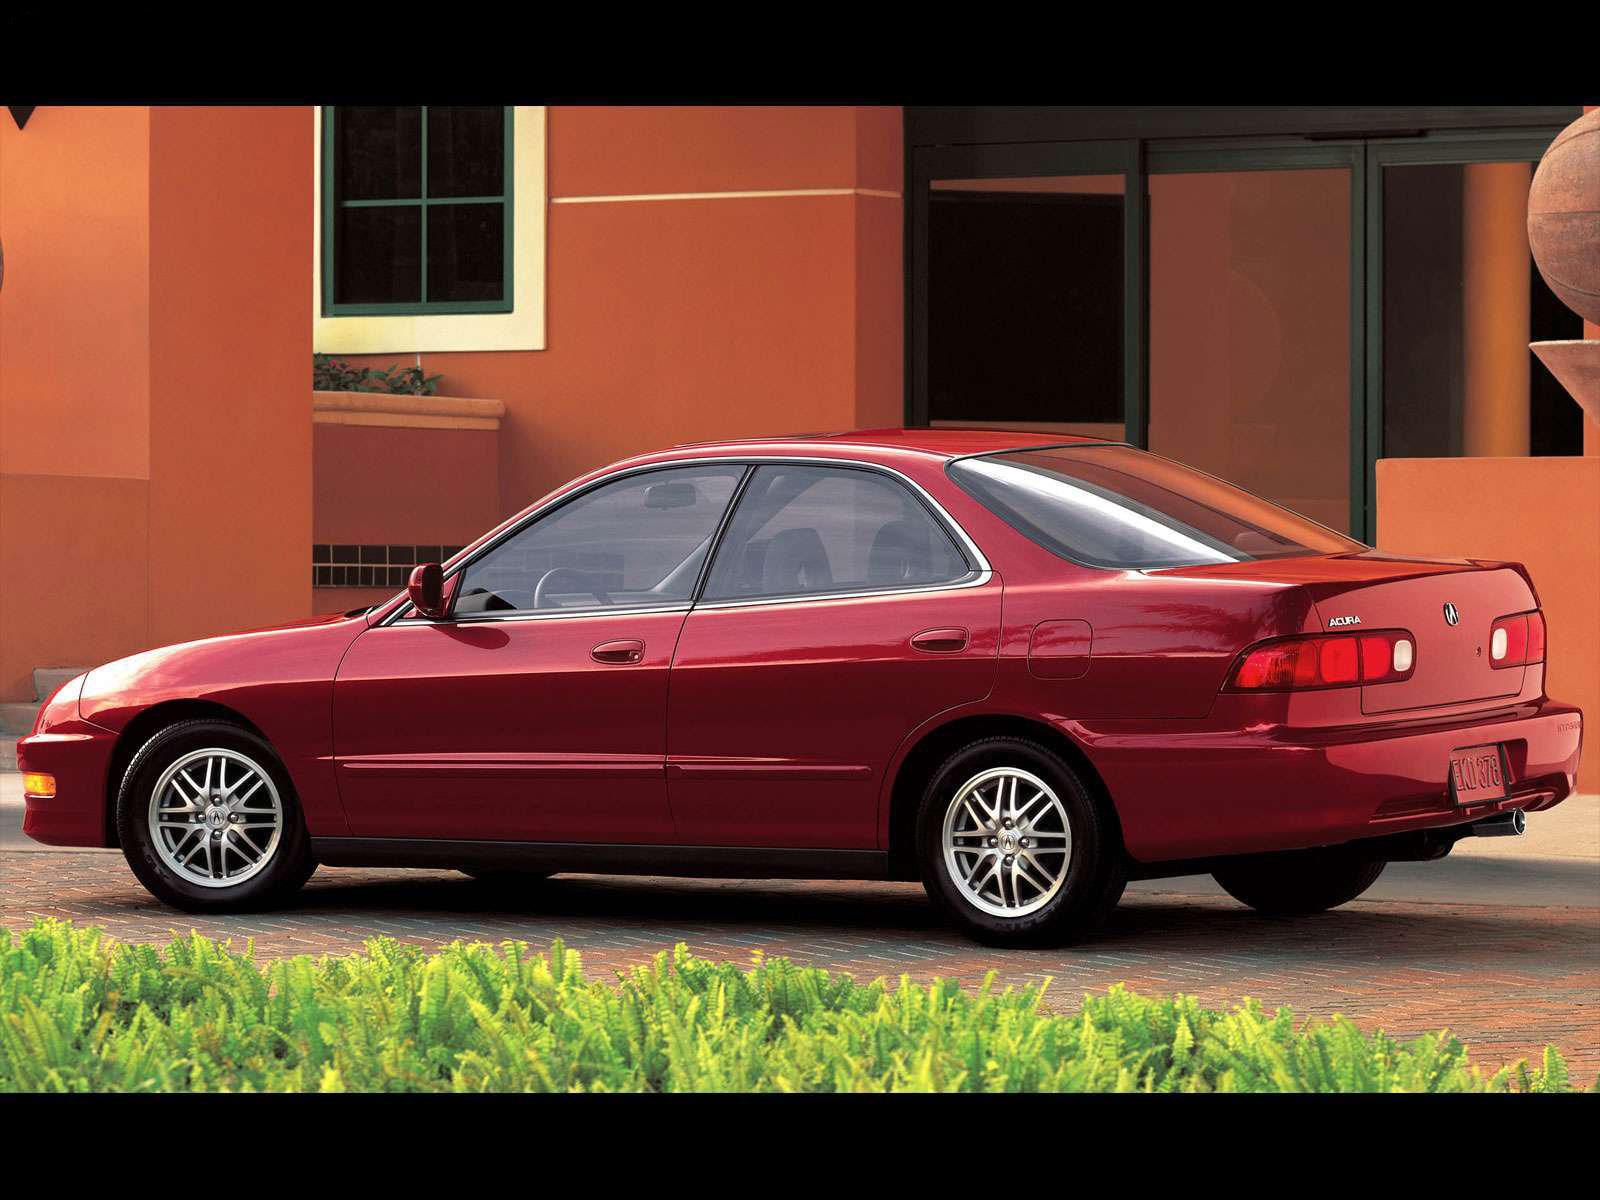 https://4.bp.blogspot.com/--n1za_0Xue8/Th-Ab3SbY6I/AAAAAAAAALw/srWNvLQkUPs/s1600/Acura-Integra_japanese-car-wallpapers_2001-3.jpg